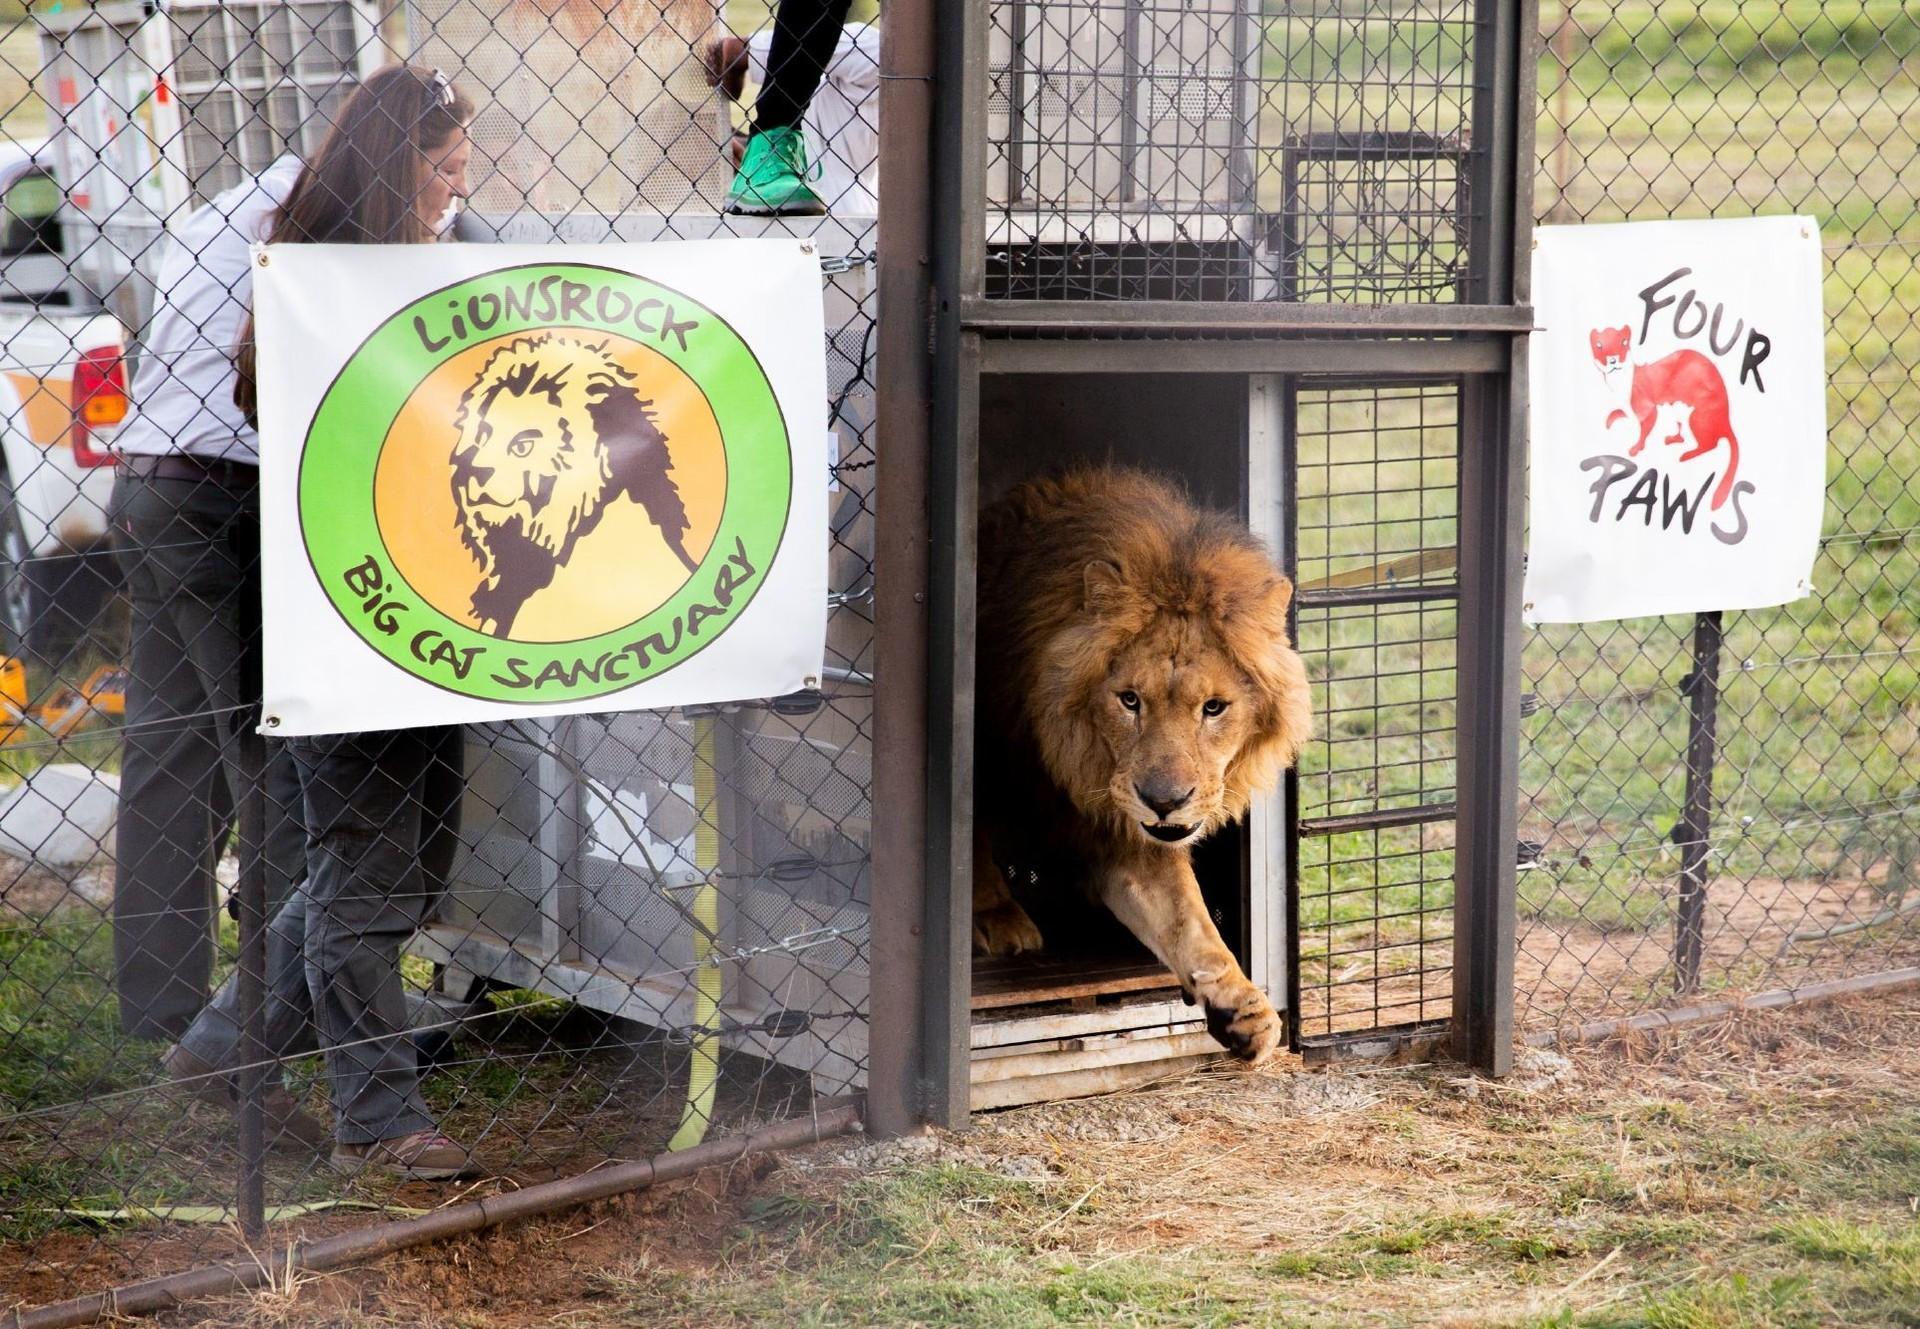 Geretteter Löwe erreicht das Grosskatzenschutzzentrum Lionsrock